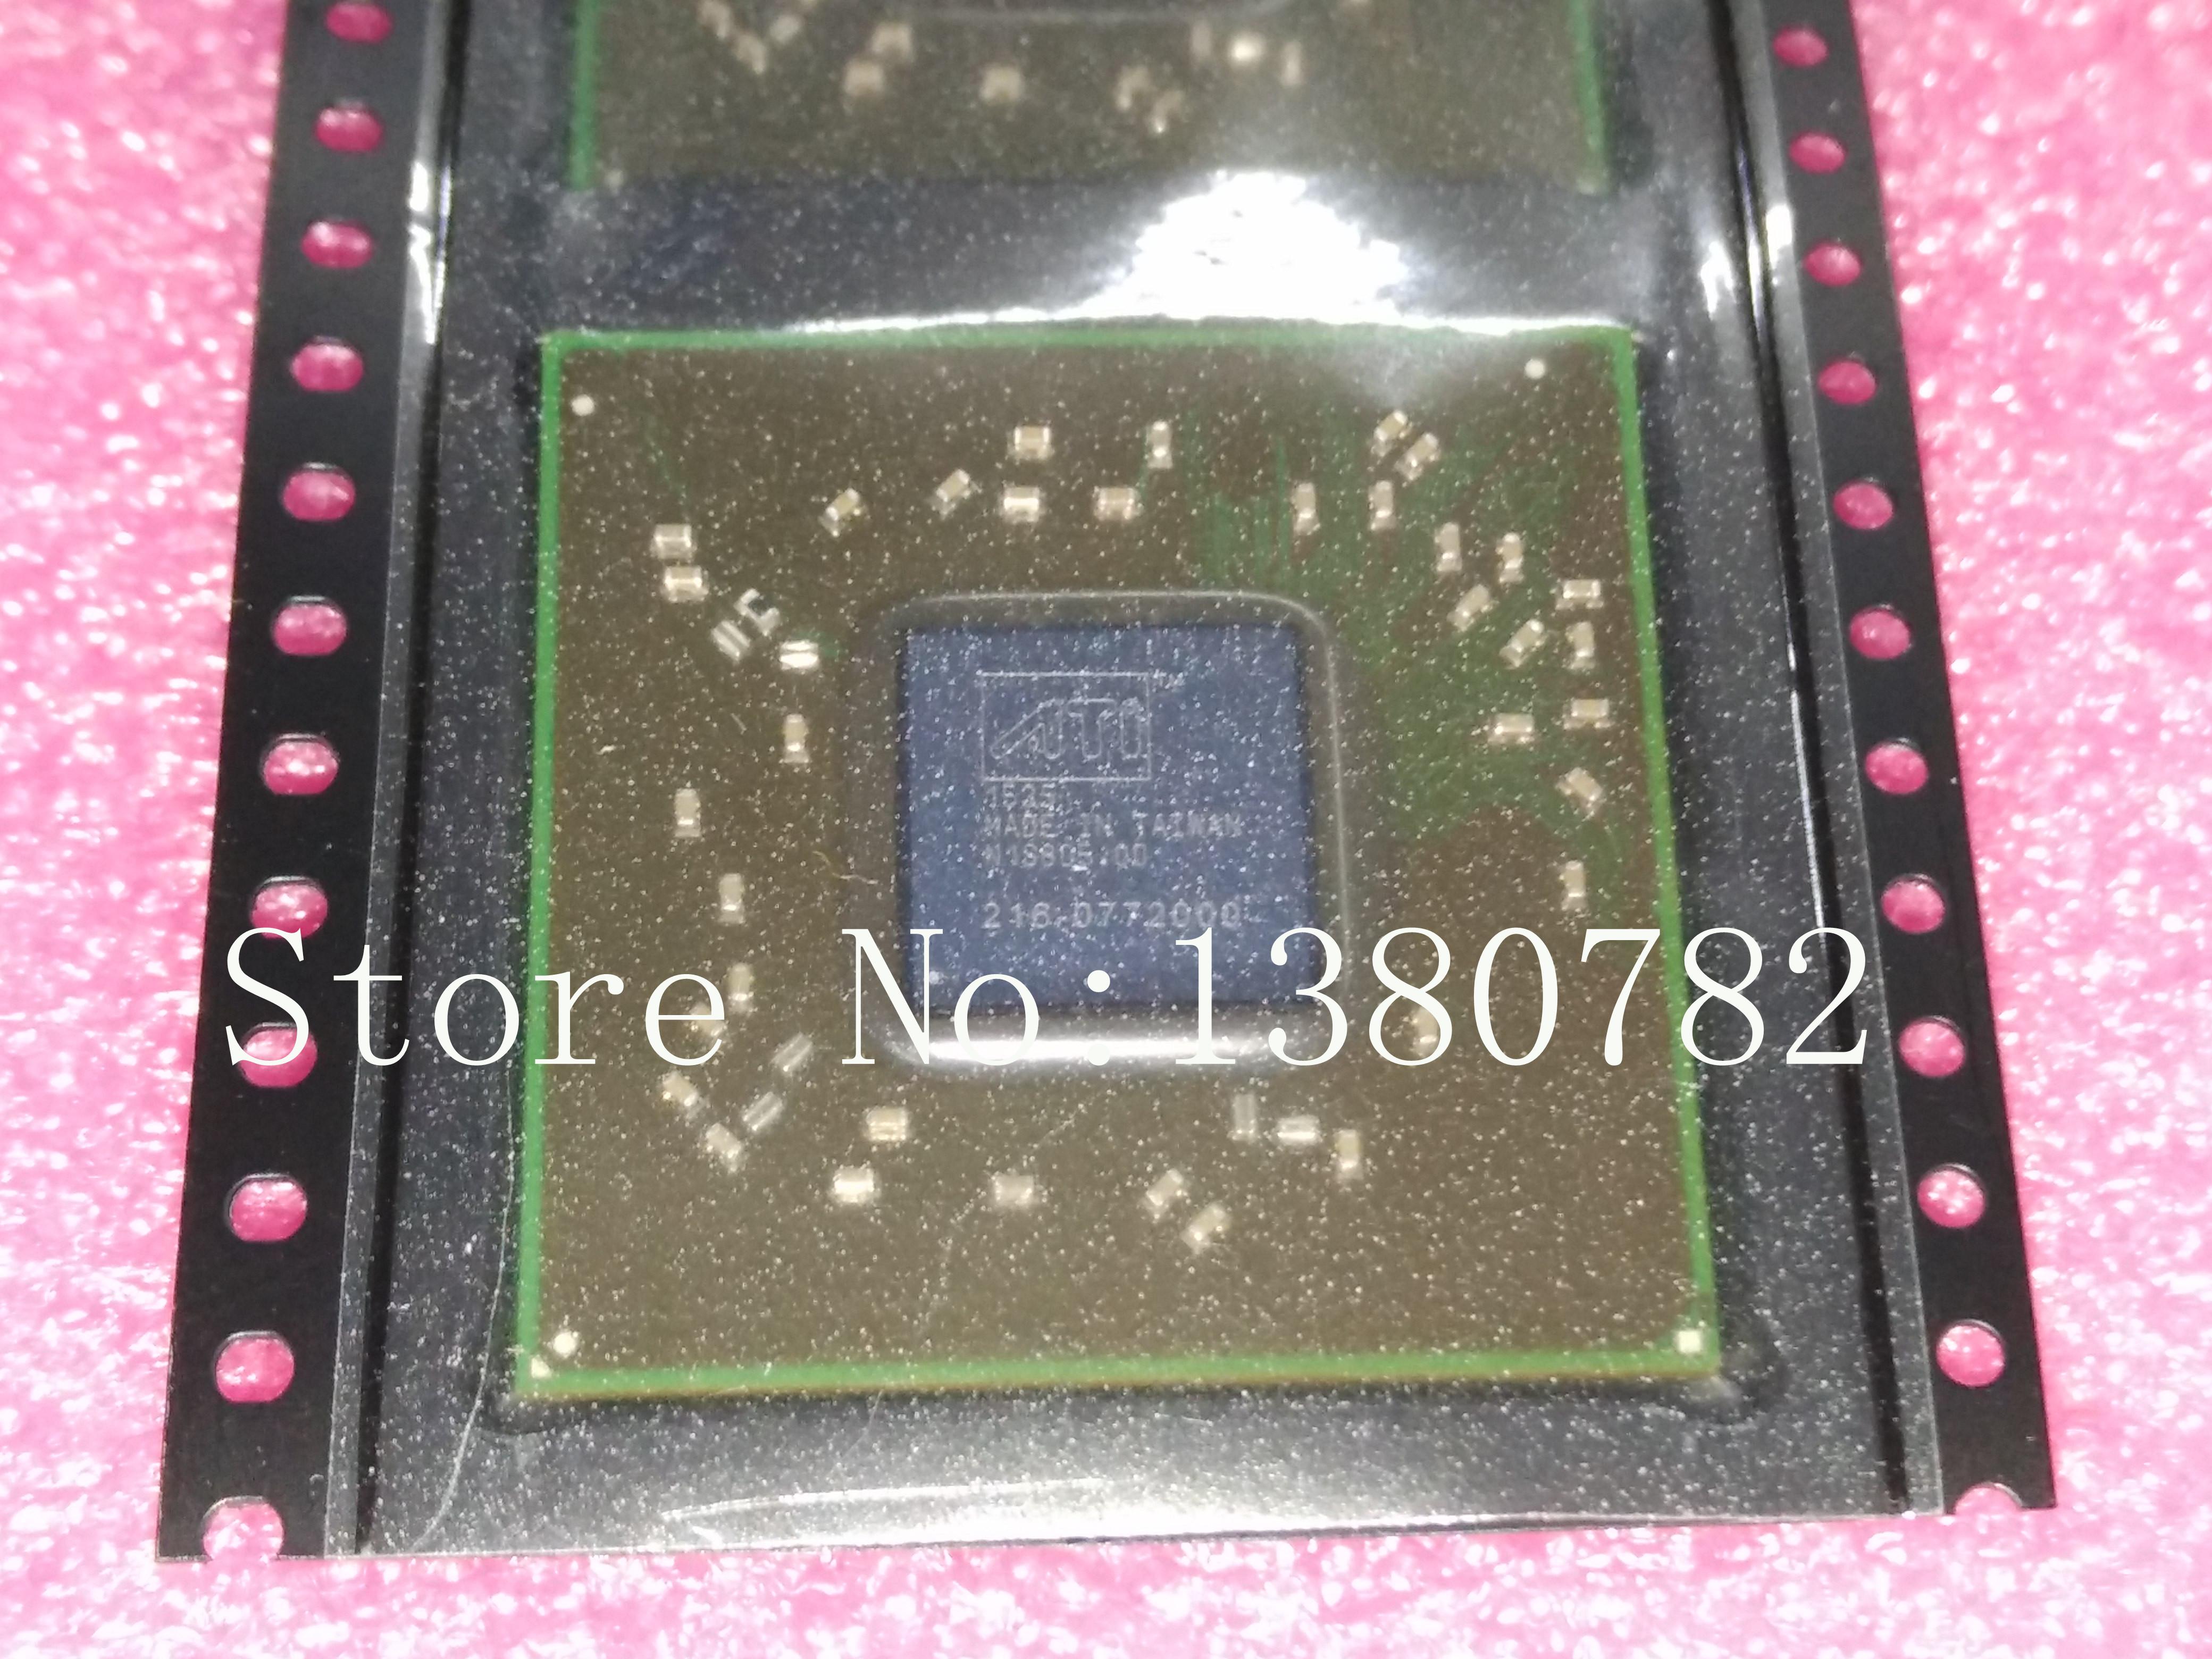 New original ATI computer bga chipset 216-0772000 ATI BGA IC chips 216 0772000(China (Mainland))